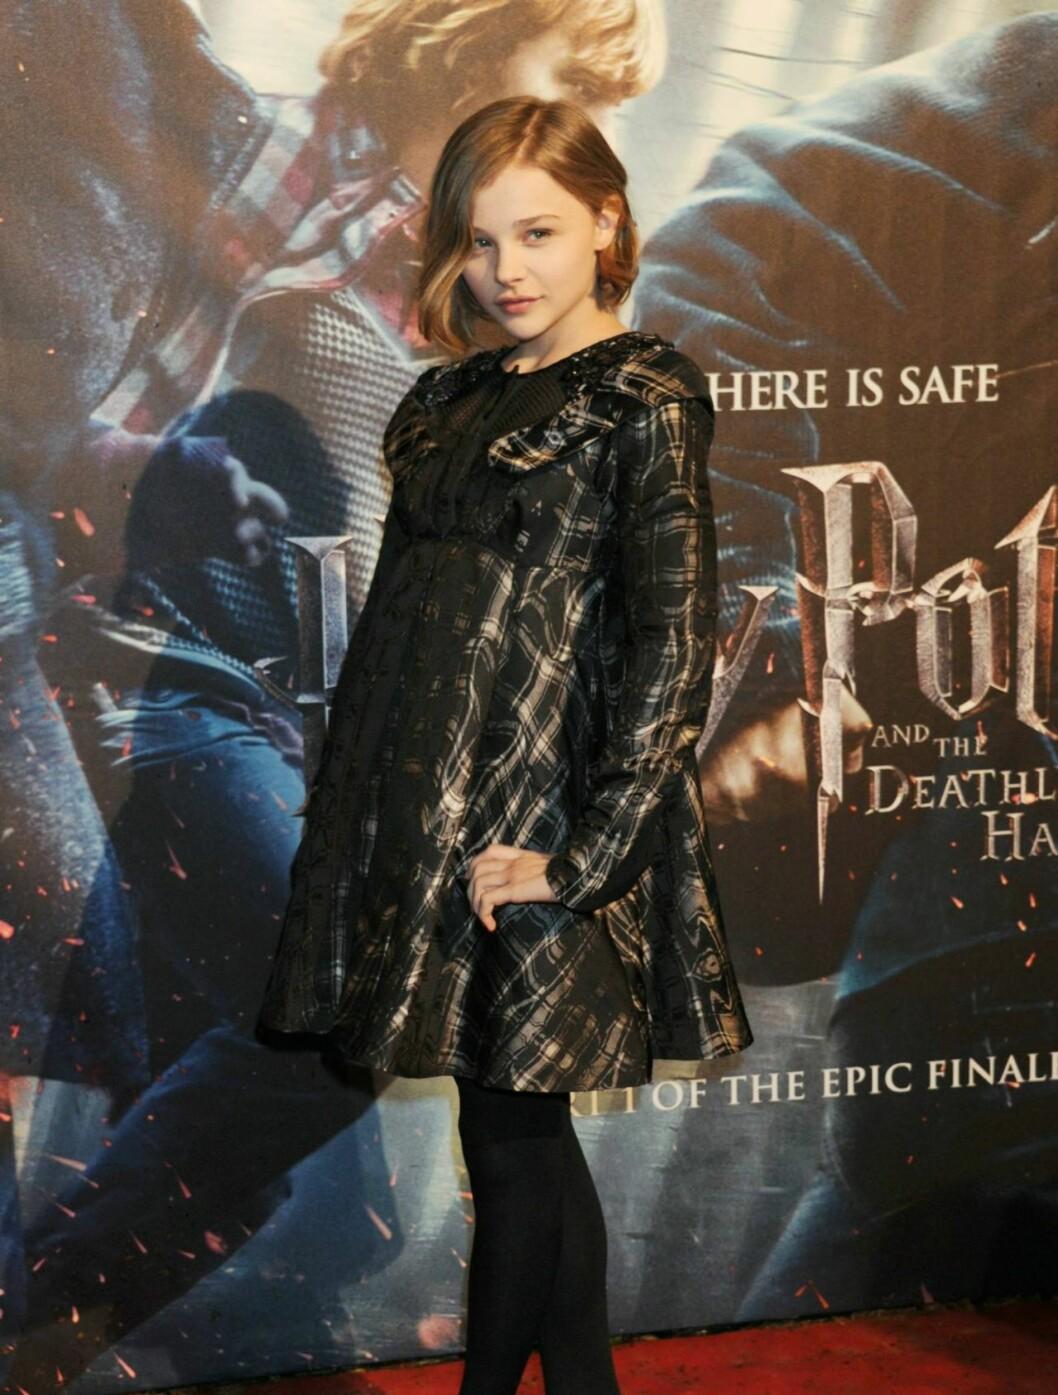 PÅ PREMIERE: Skuespilleren Chloe Moretz har allerede gjort suksess i filmer som «Kick-Ass» til tross for at hun kun er 13 år gammel. Foto: All Over Press